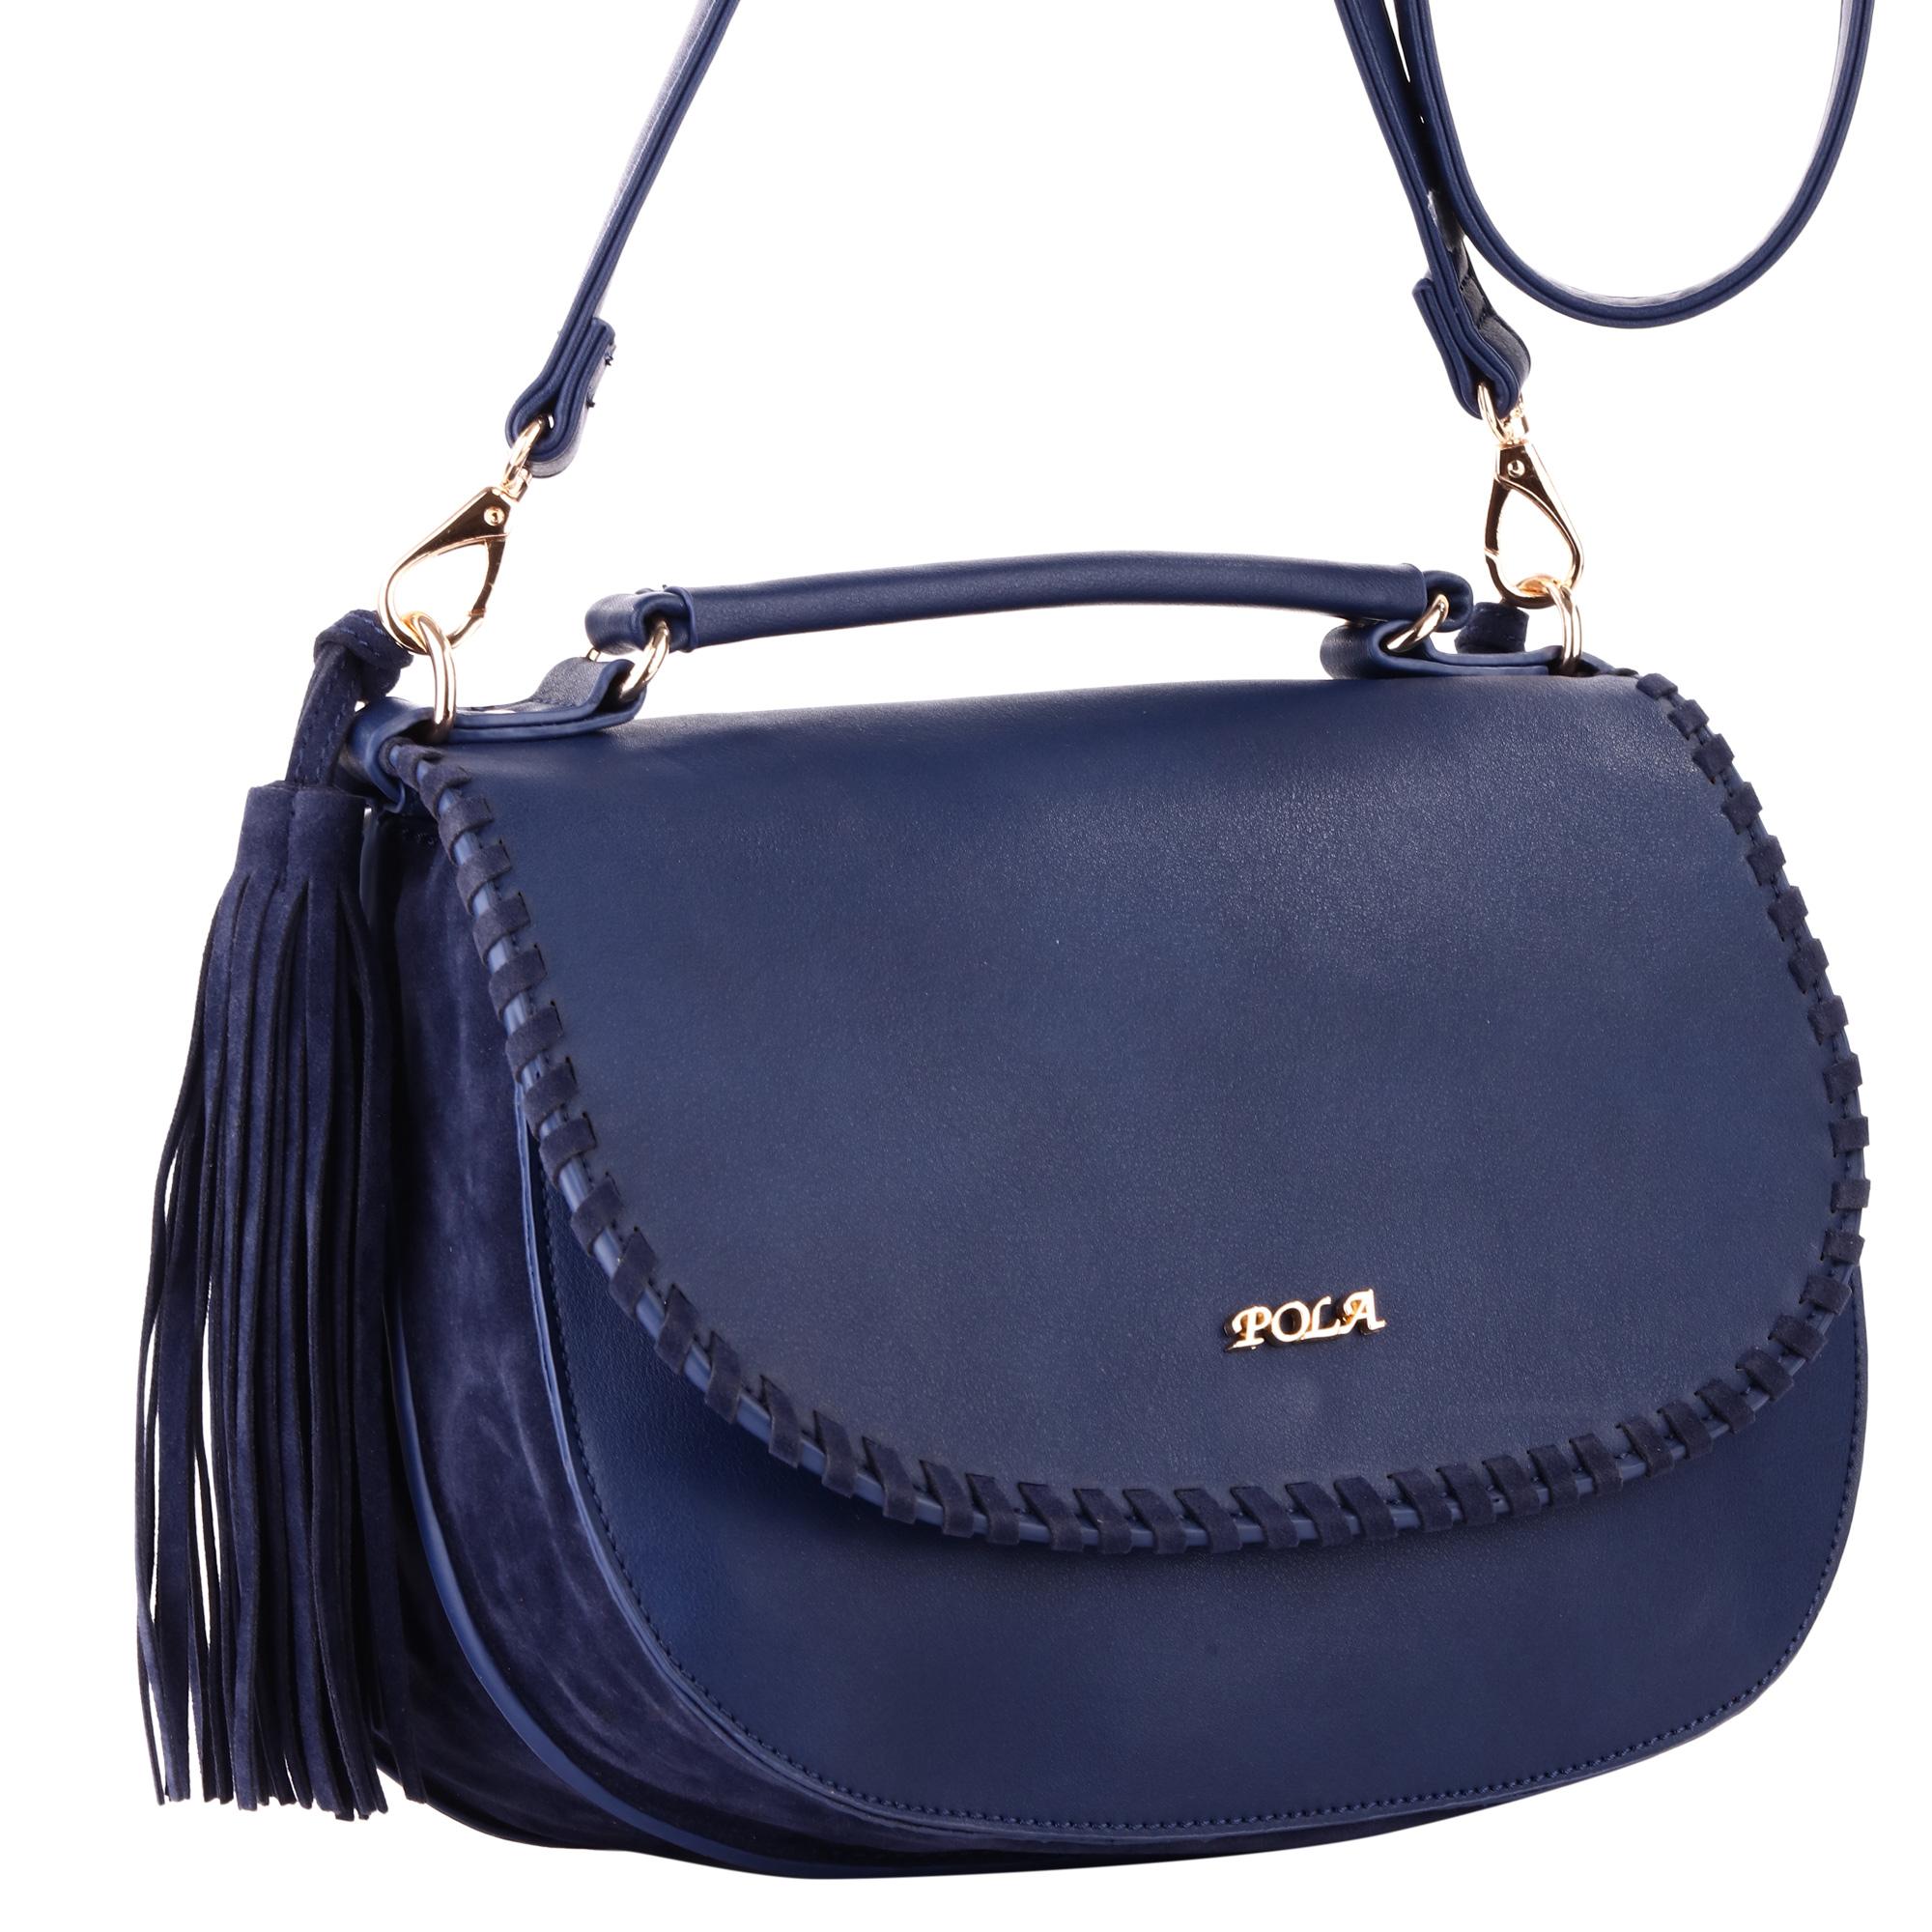 Сумка женская Pola, цвет: синий. 44144414Женская сумка Pola выполнена из экокожи. Состоит из двух независимых отделений, каждое из которых закрывается клапаном на магнитной кнопке. Клапаны расположены на внешнюю и внутреннюю стороны сумки. Внутри два открытых кармана и один небольшой карман на молнии. В комплекте съемный плечевой ремень, регулируемый по длине, максимальная высота 66 см. Высота ручки - 5 см. По бокам сумка украшена крупными кистями. Цвет фурнитуры - золото.